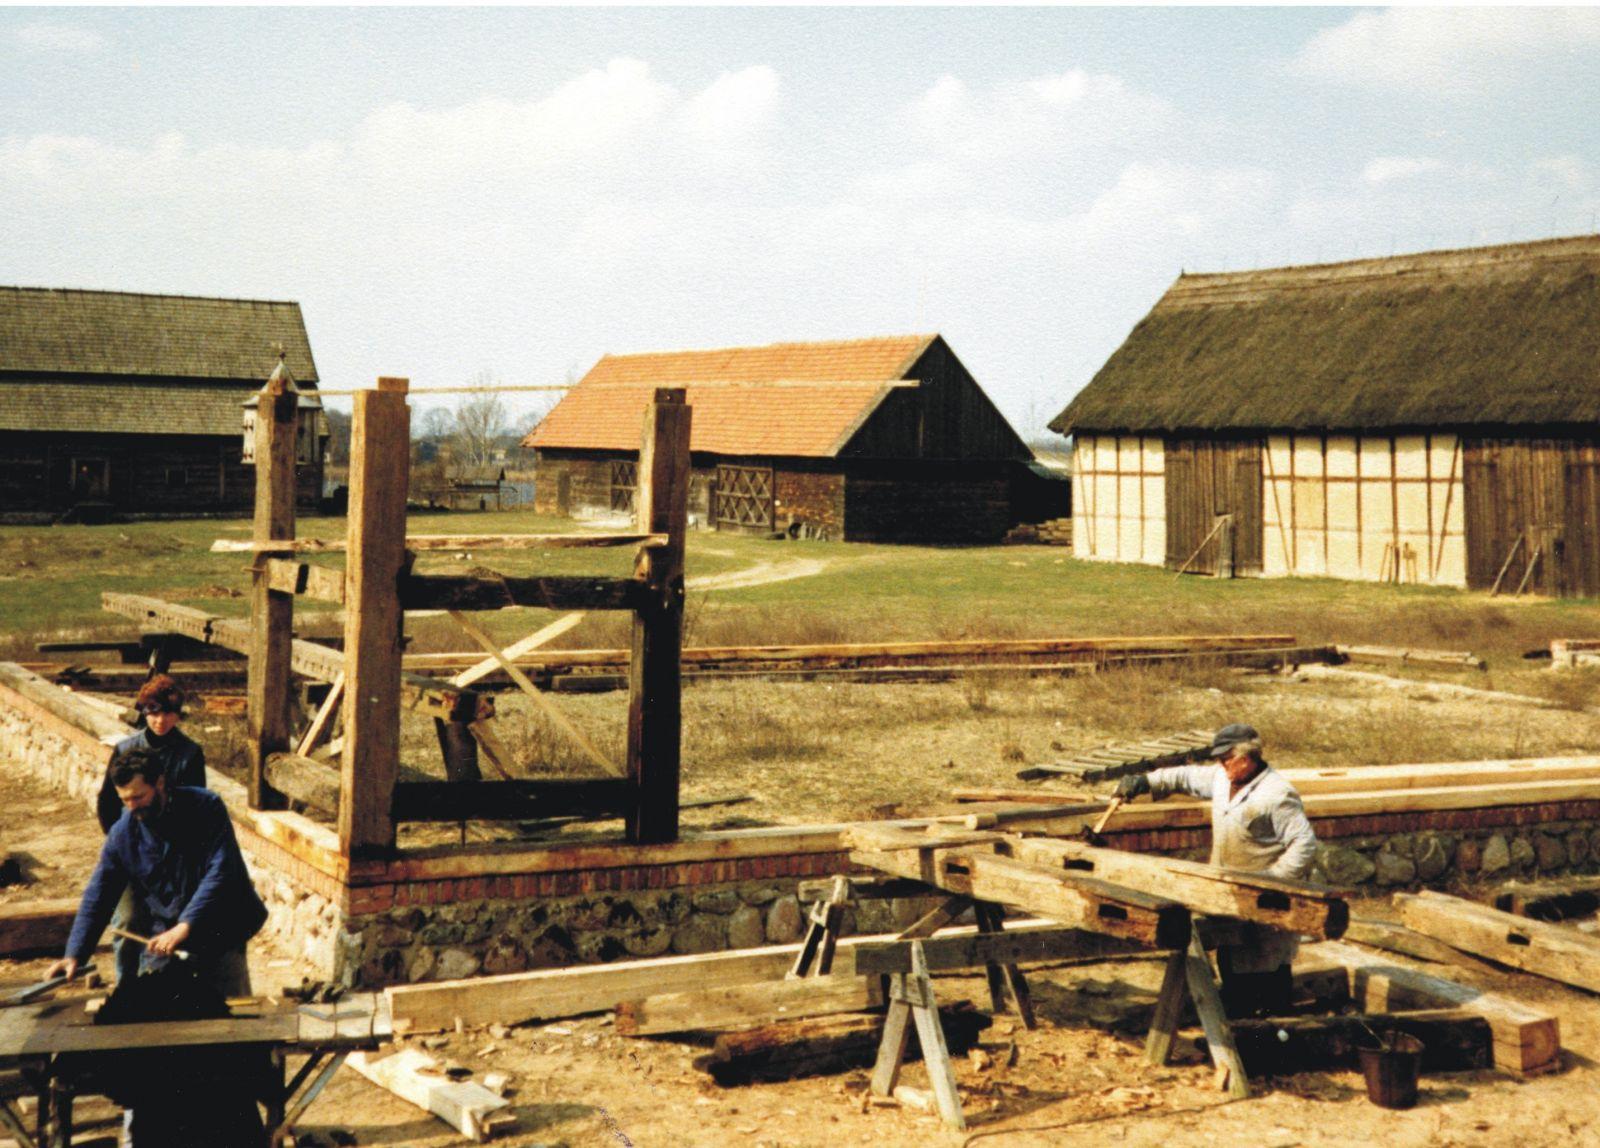 Trzech praconików muzeum podczas budowy stodoły. Widoczne fundamenty i drewniane pale.